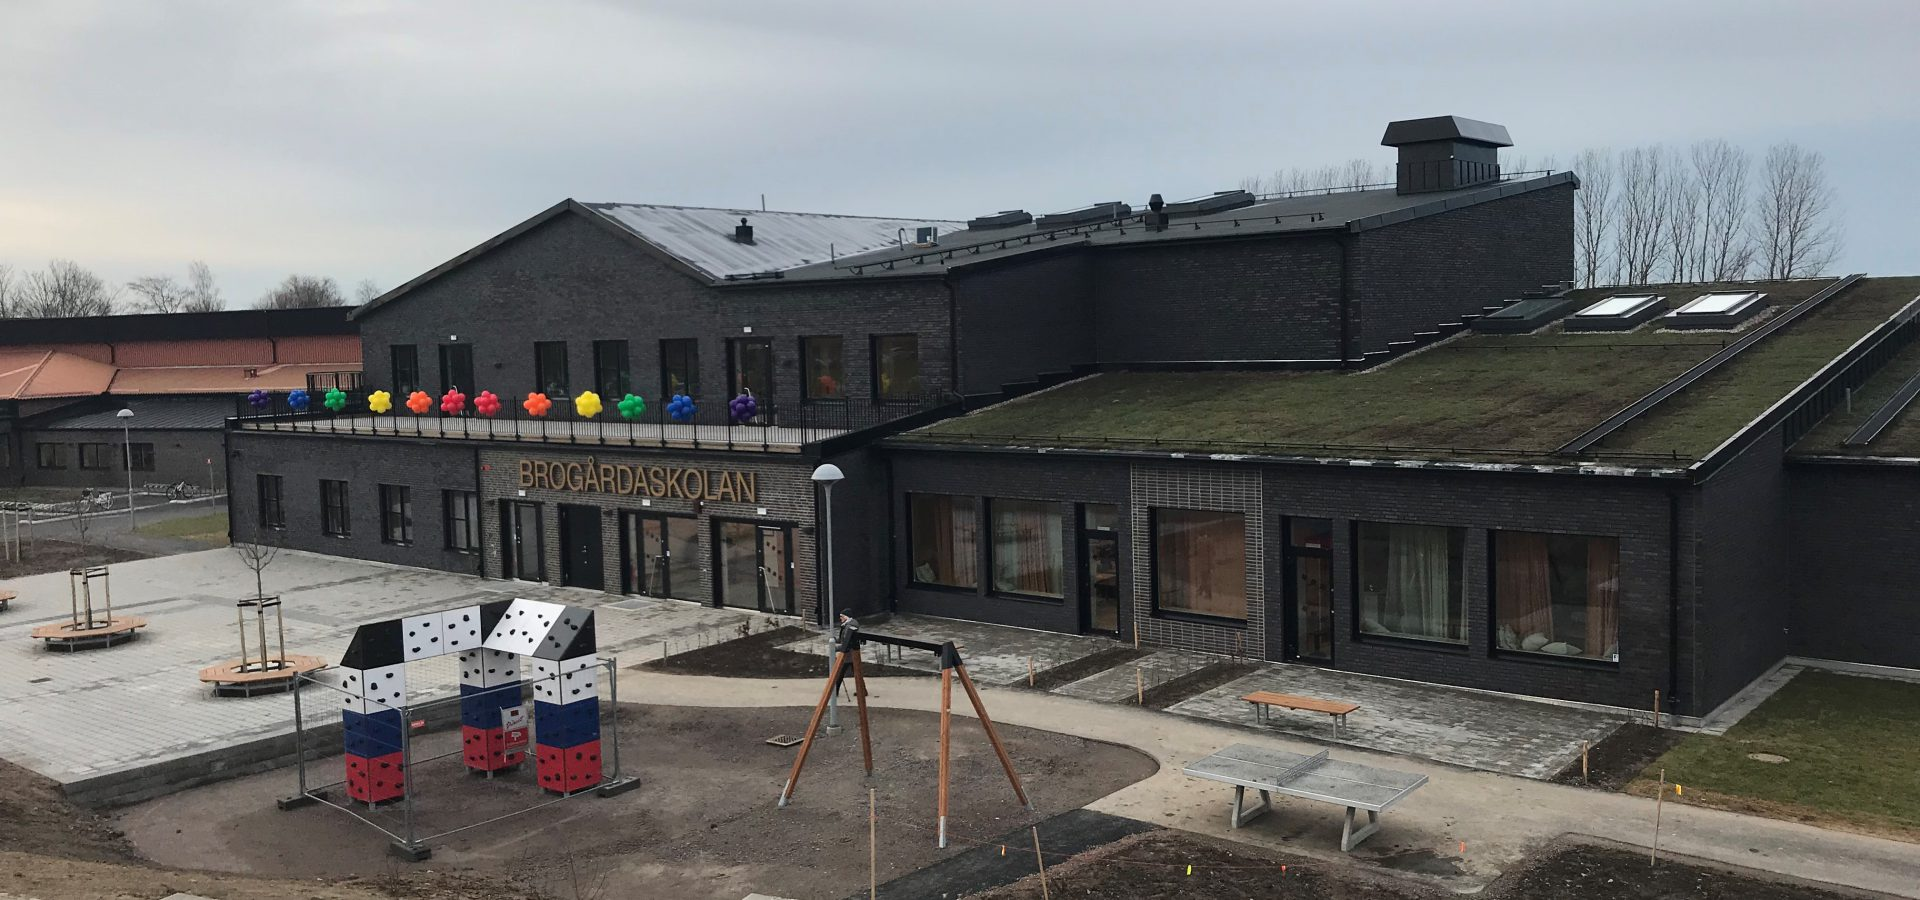 Nya Brogårdaskolan